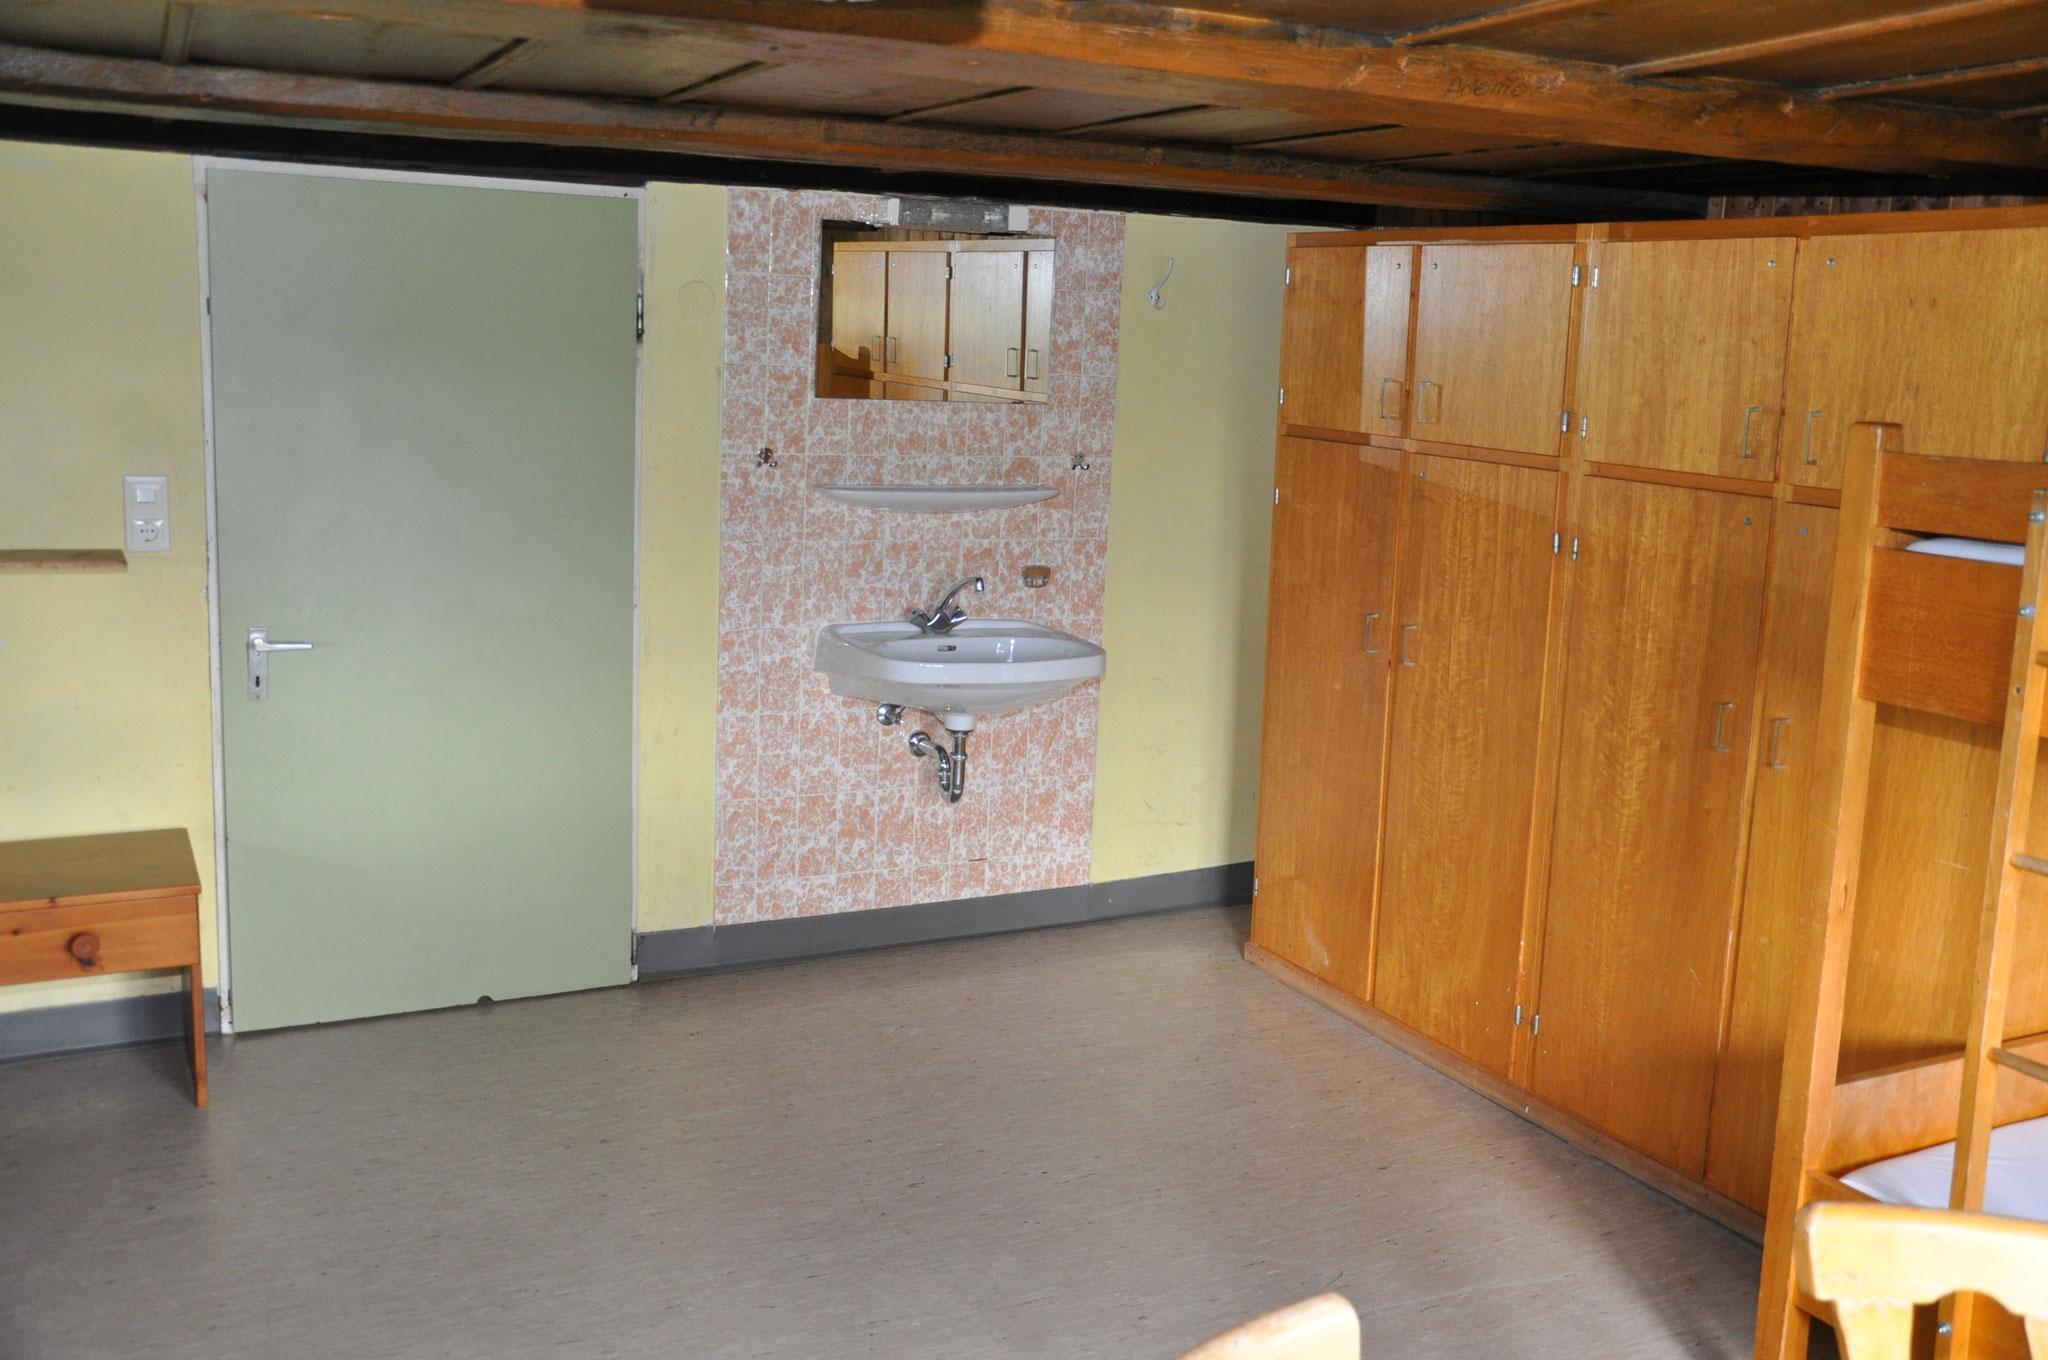 gleiches Zimmer mit Sicht auf Tür und Waschbecken